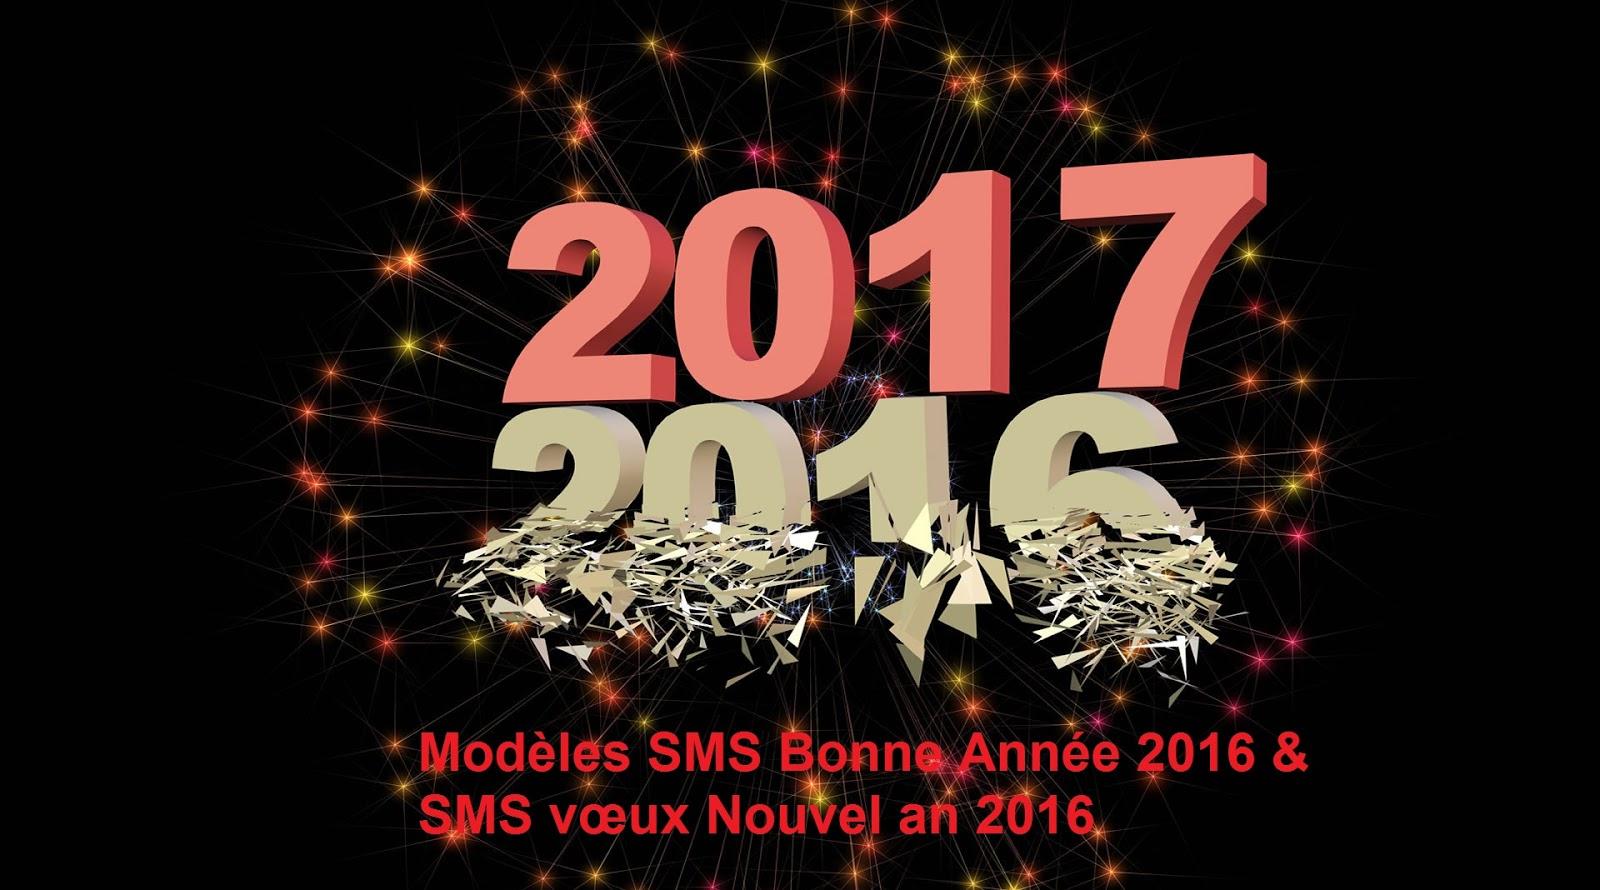 100+ [ Texte Pour Souhaiter Une Bonne Annee ] | Poésies pour Poeme Voeux Nouvel An